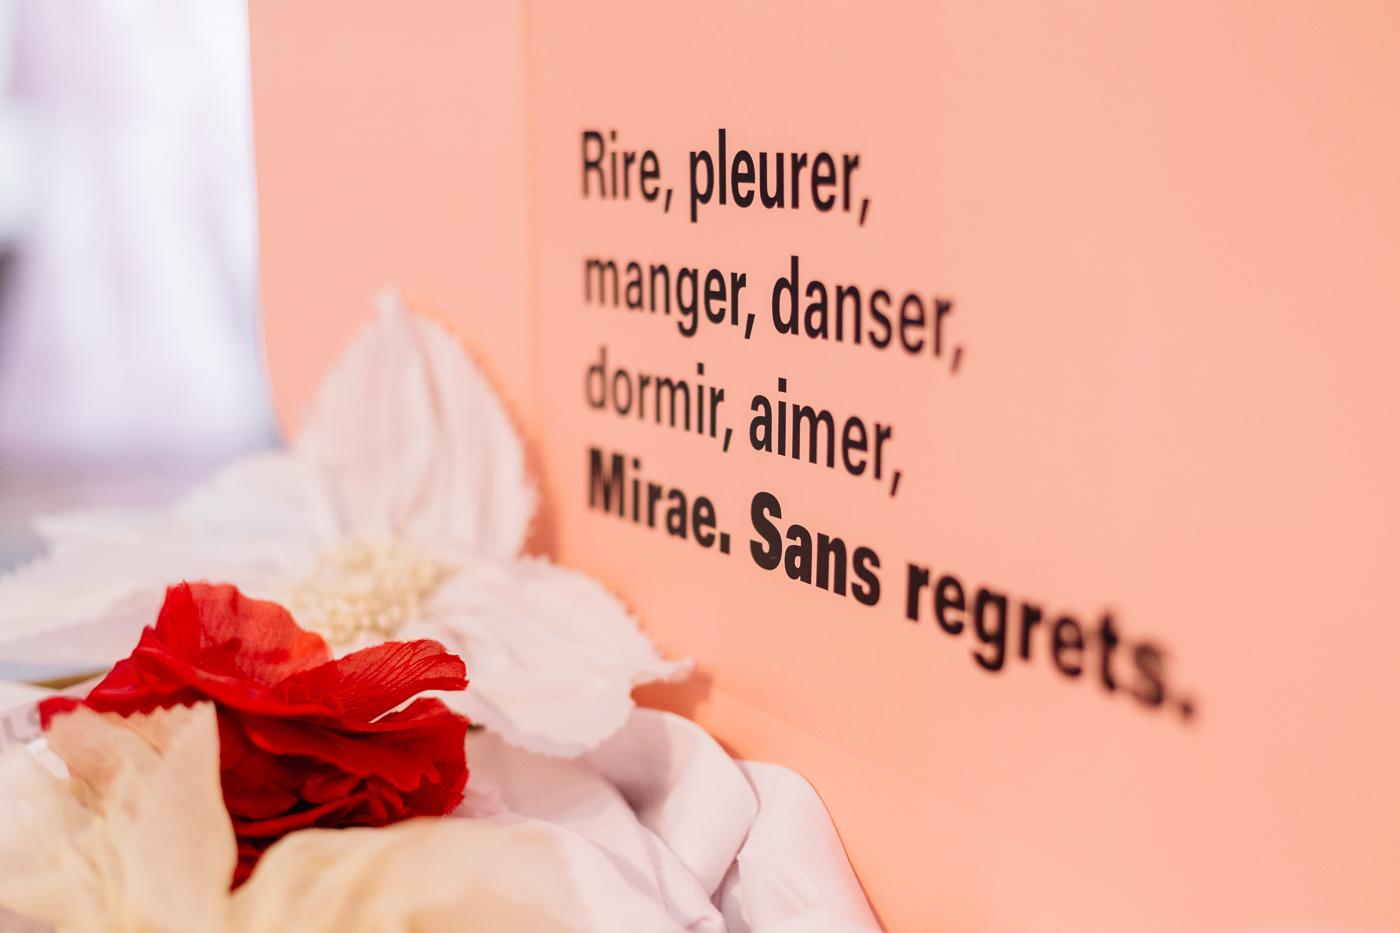 """Derrière des fleurs rouges et blanches floutées, une pancarte rose de la marque Miræ, marquée Rire, pleurer, manger, danser, dormir aimer et en gras """"Miræ sans regrets"""